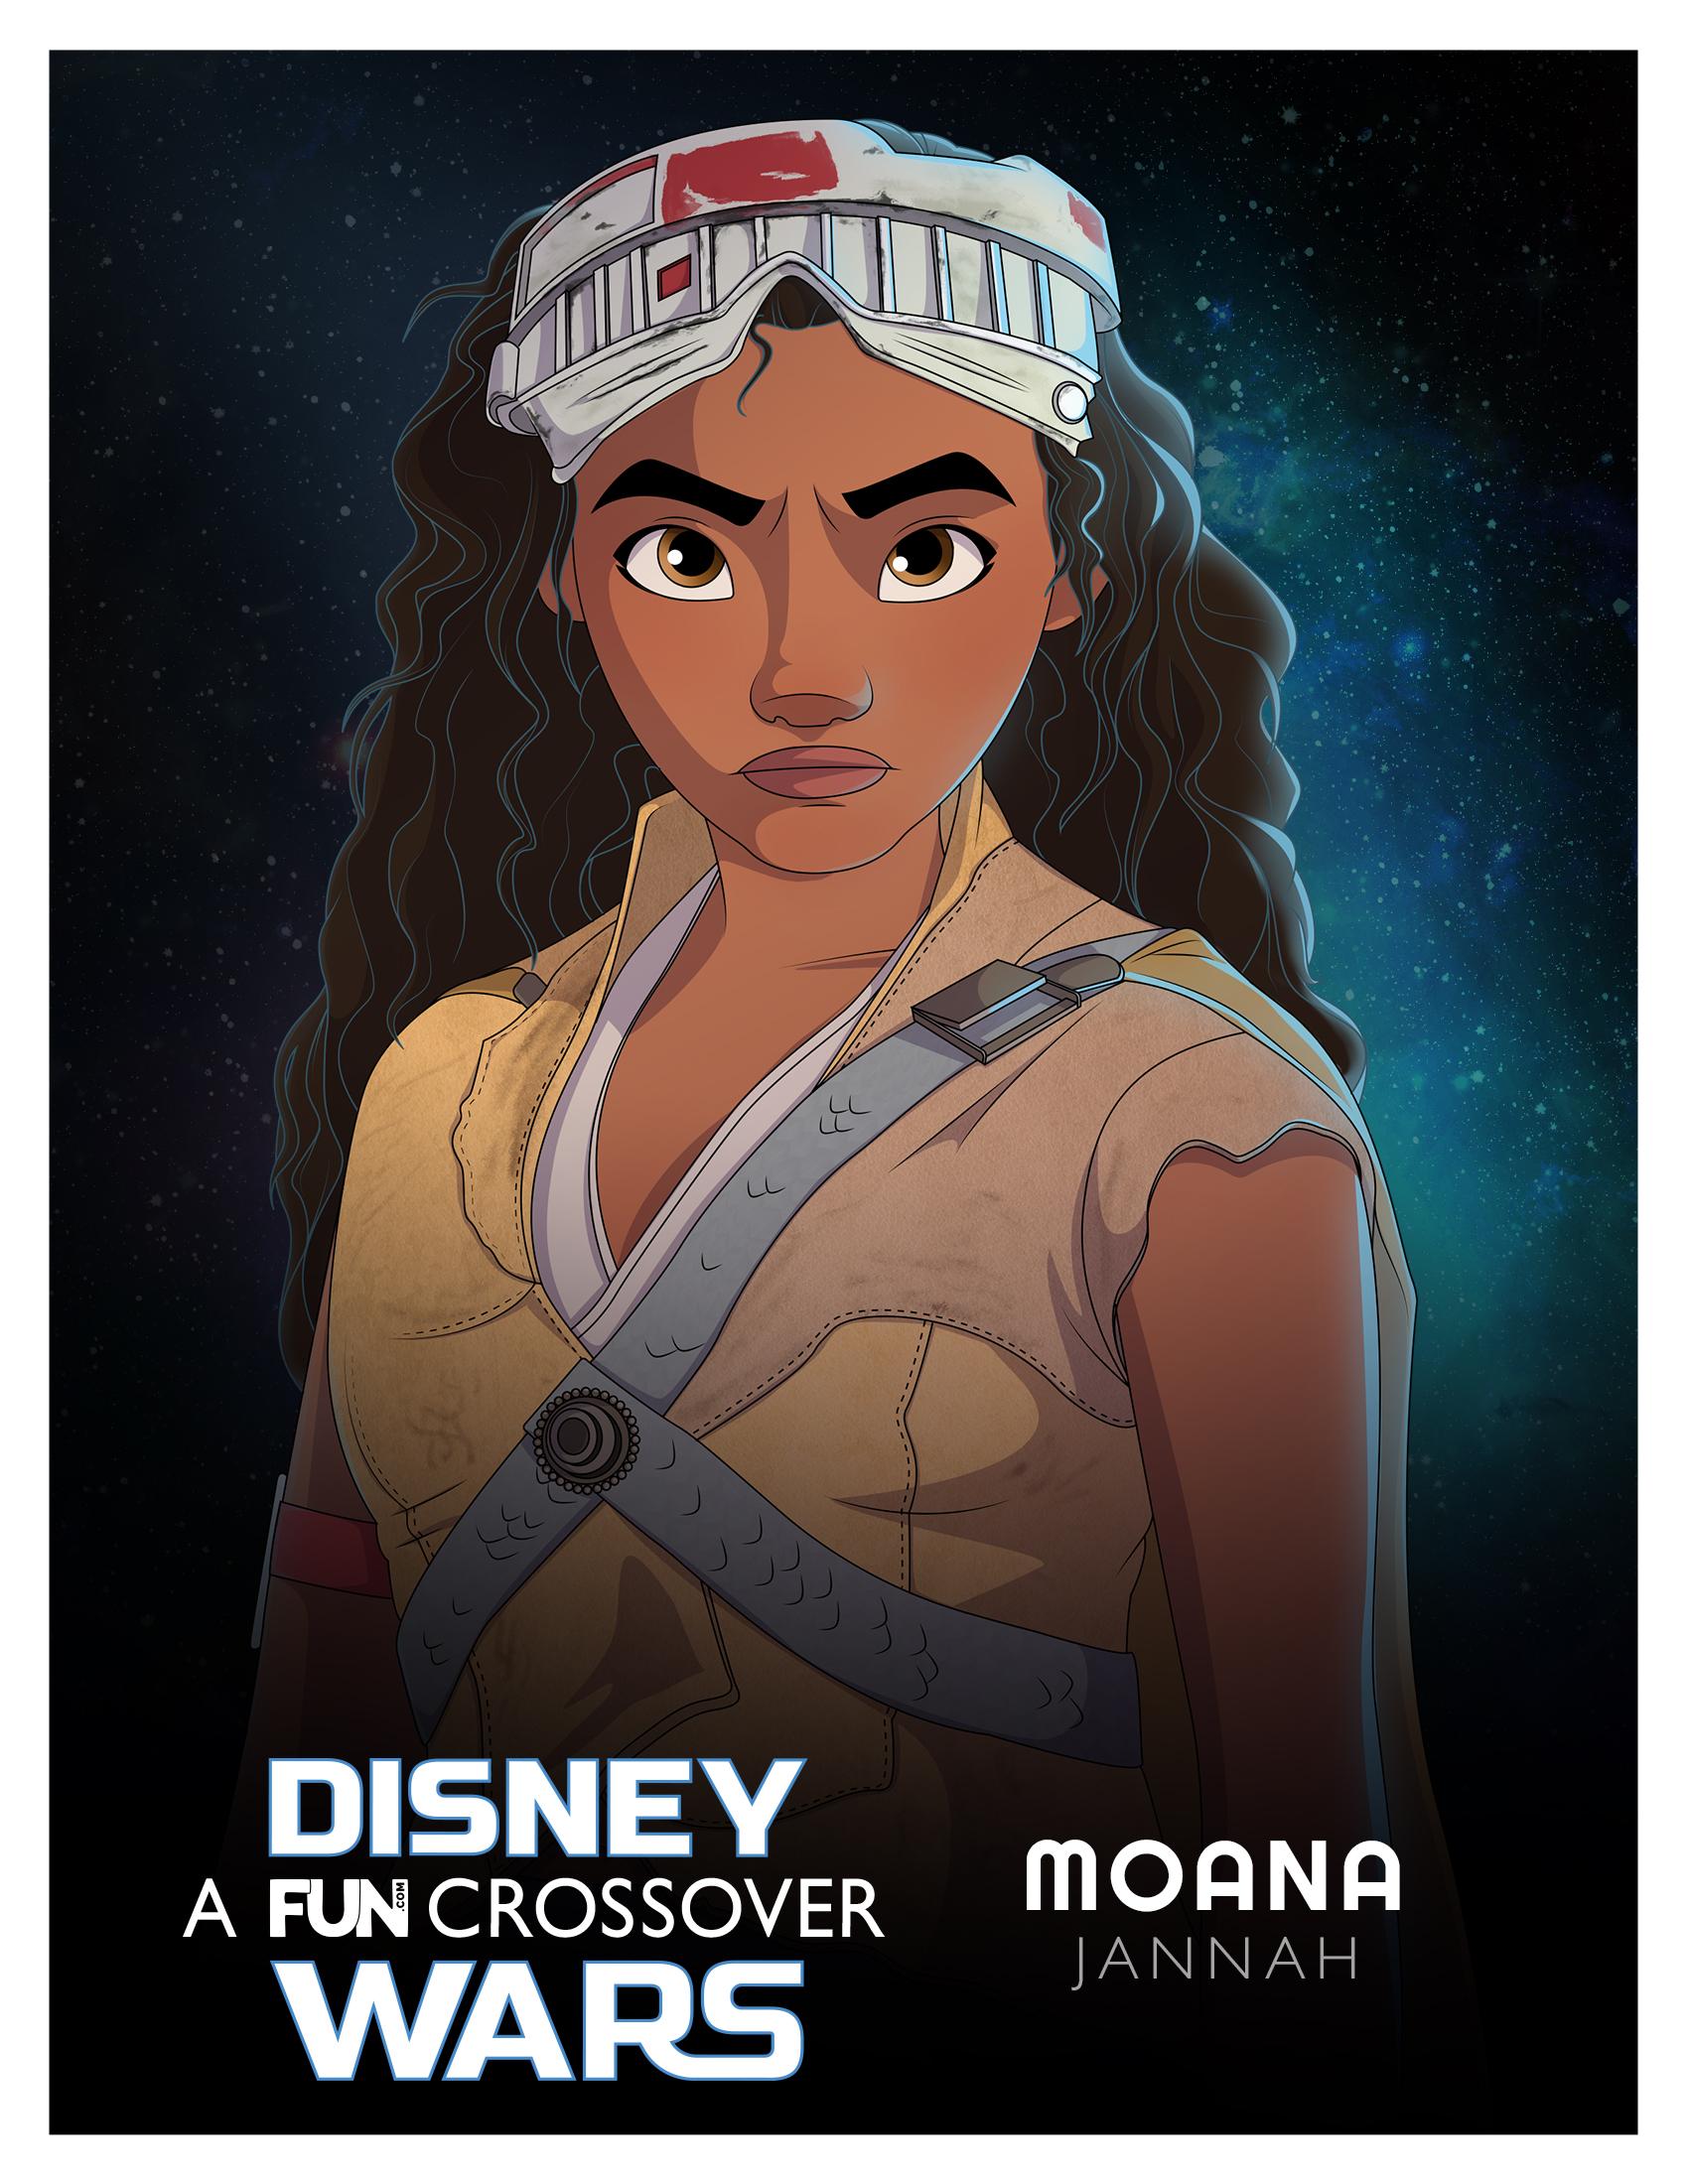 Disney Wars Moana Jannah